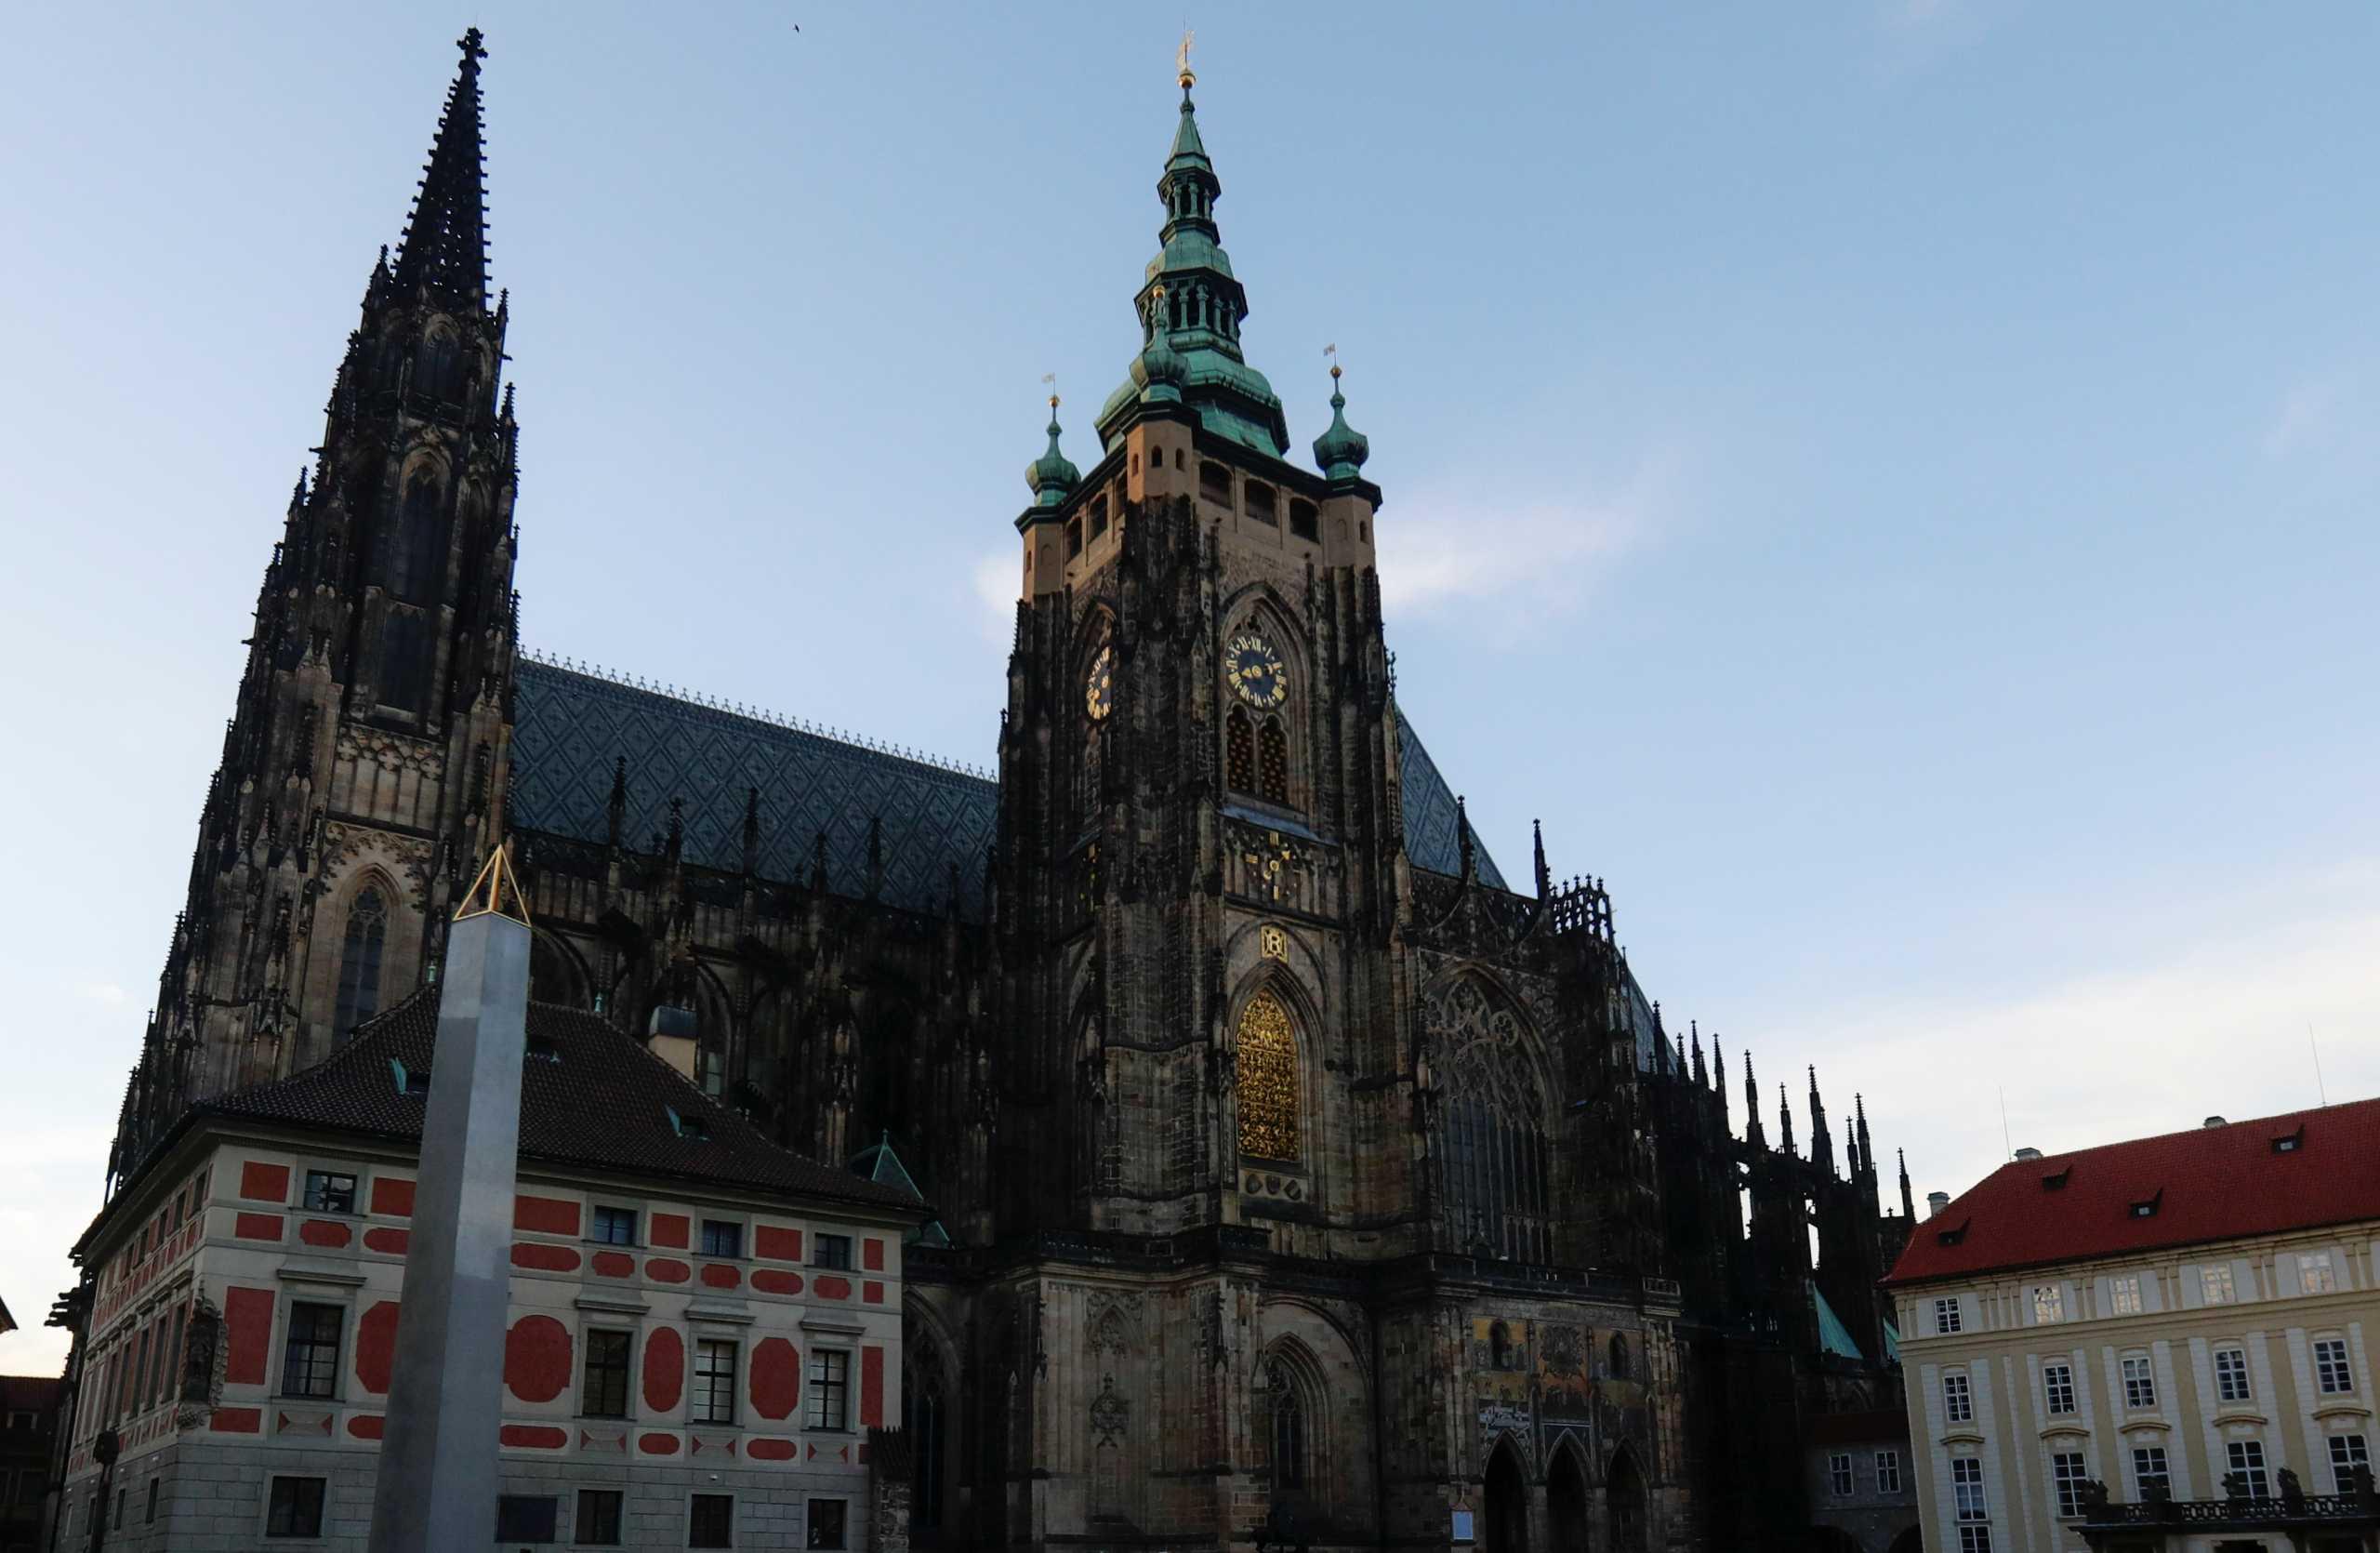 Τσεχία: Επιστρέφει στη θέση του υπουργού Υγείας ο Άνταμ Βόιτεχ που συμμετείχε σε τηλεοπτικό διαγωνισμό ταλέντων